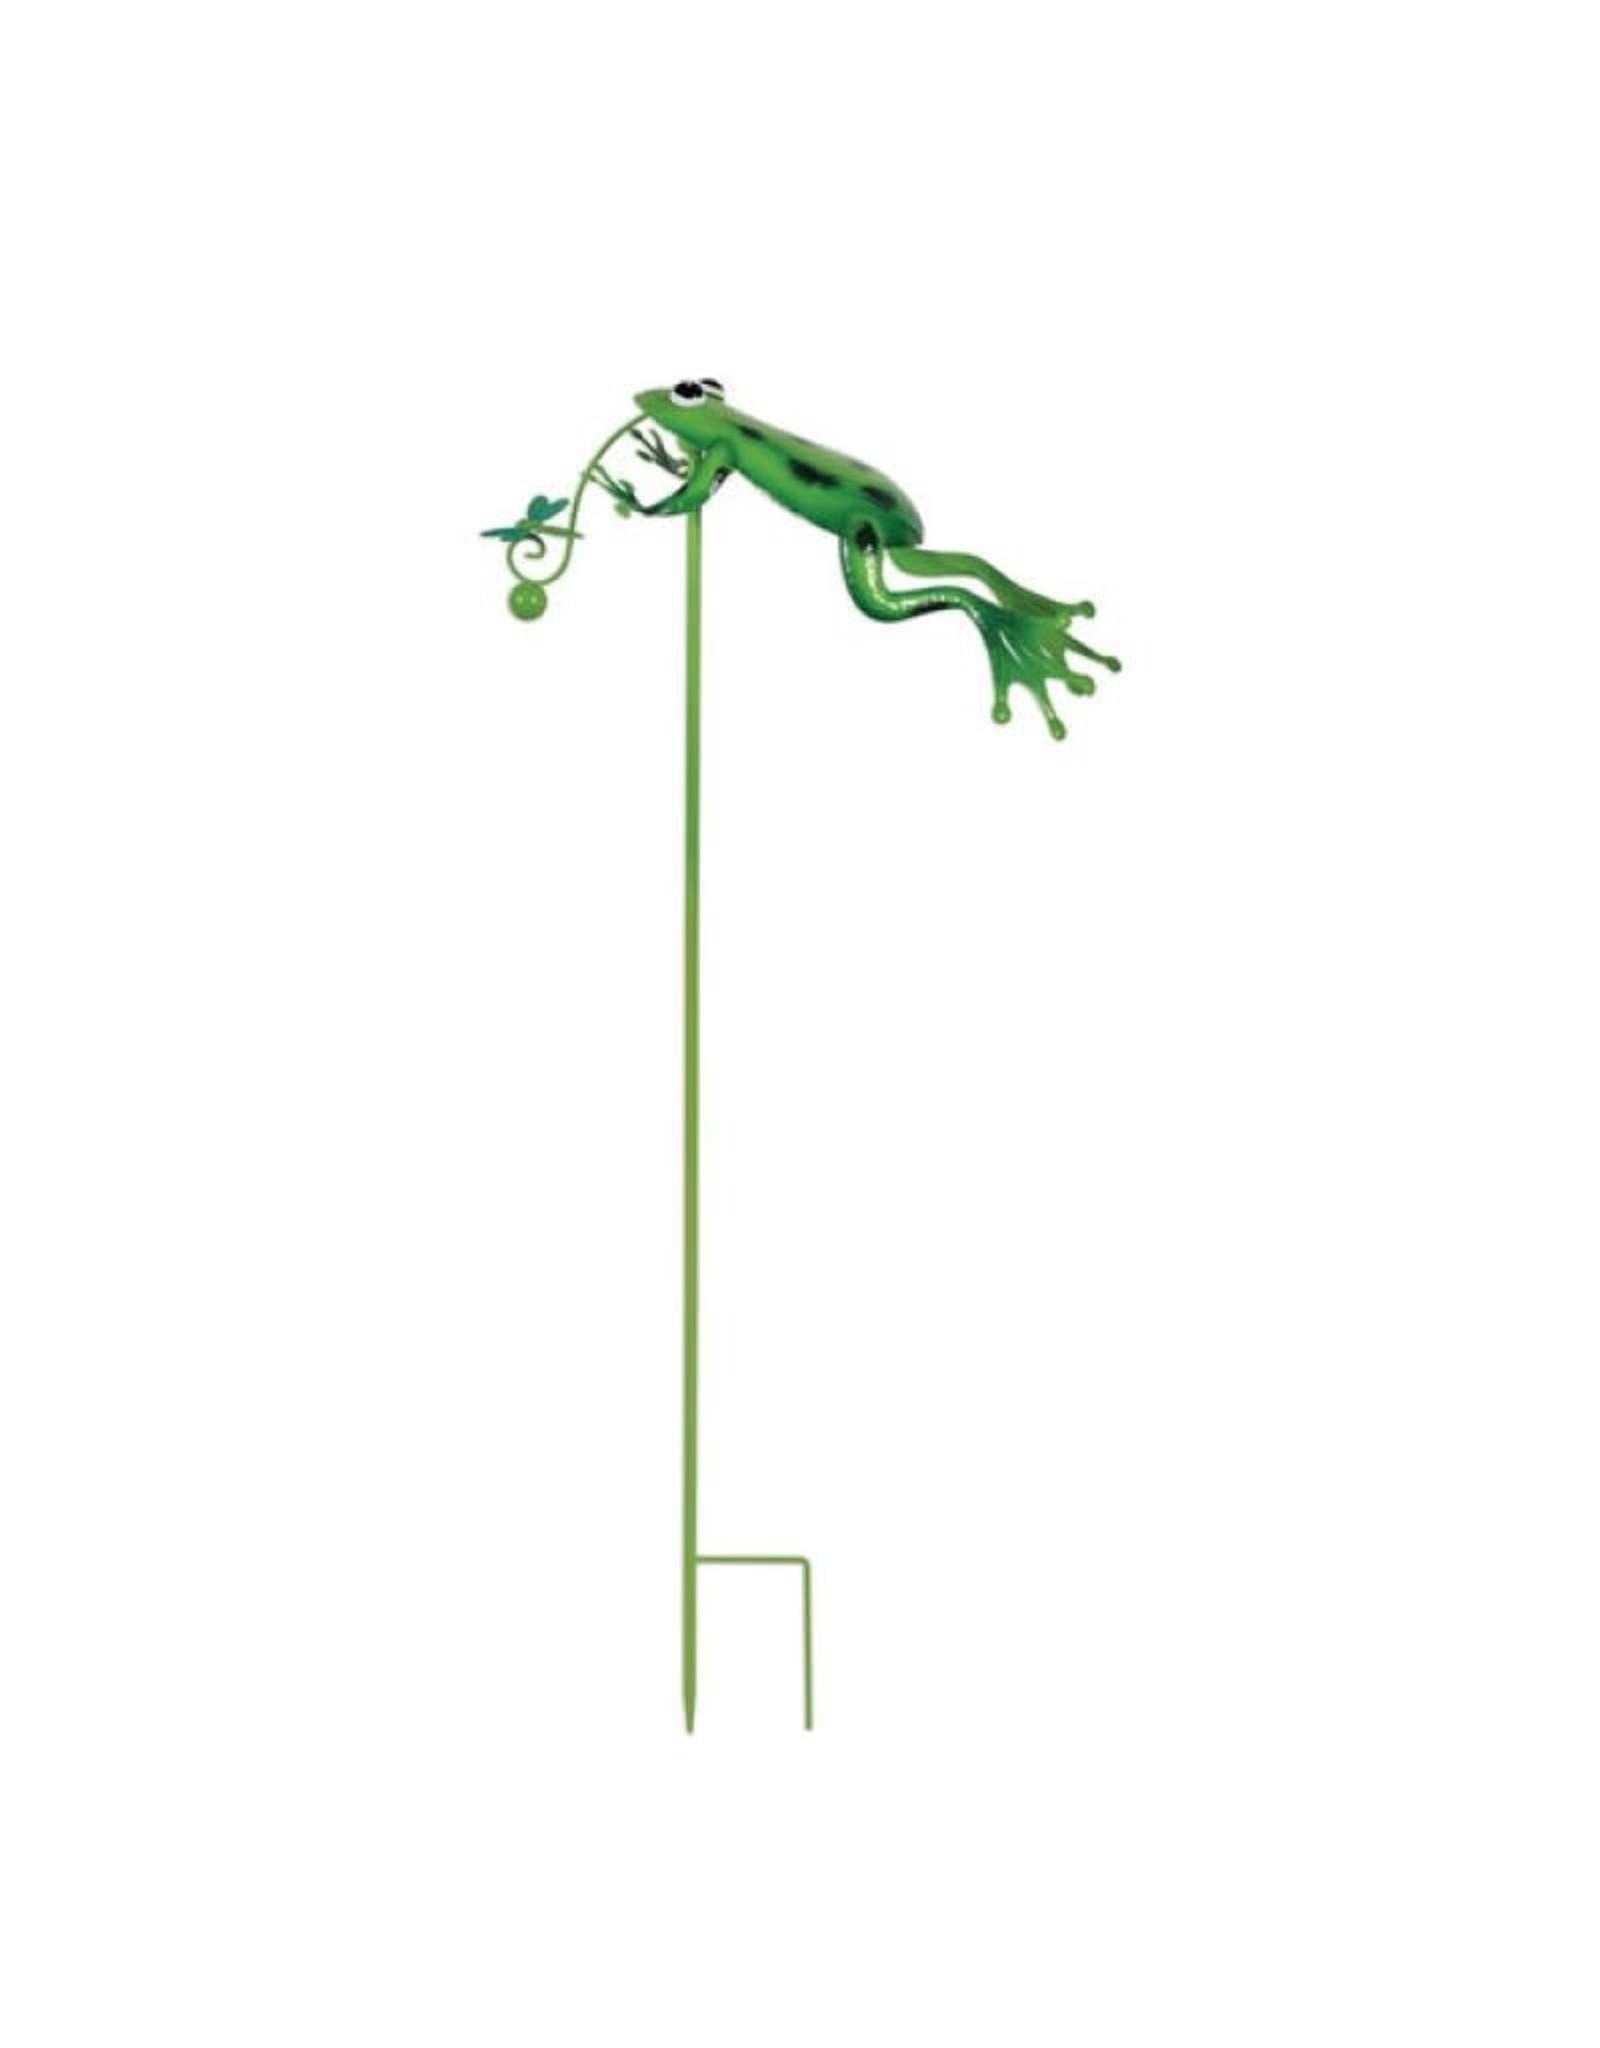 Balancer - Frog & Dragonfly